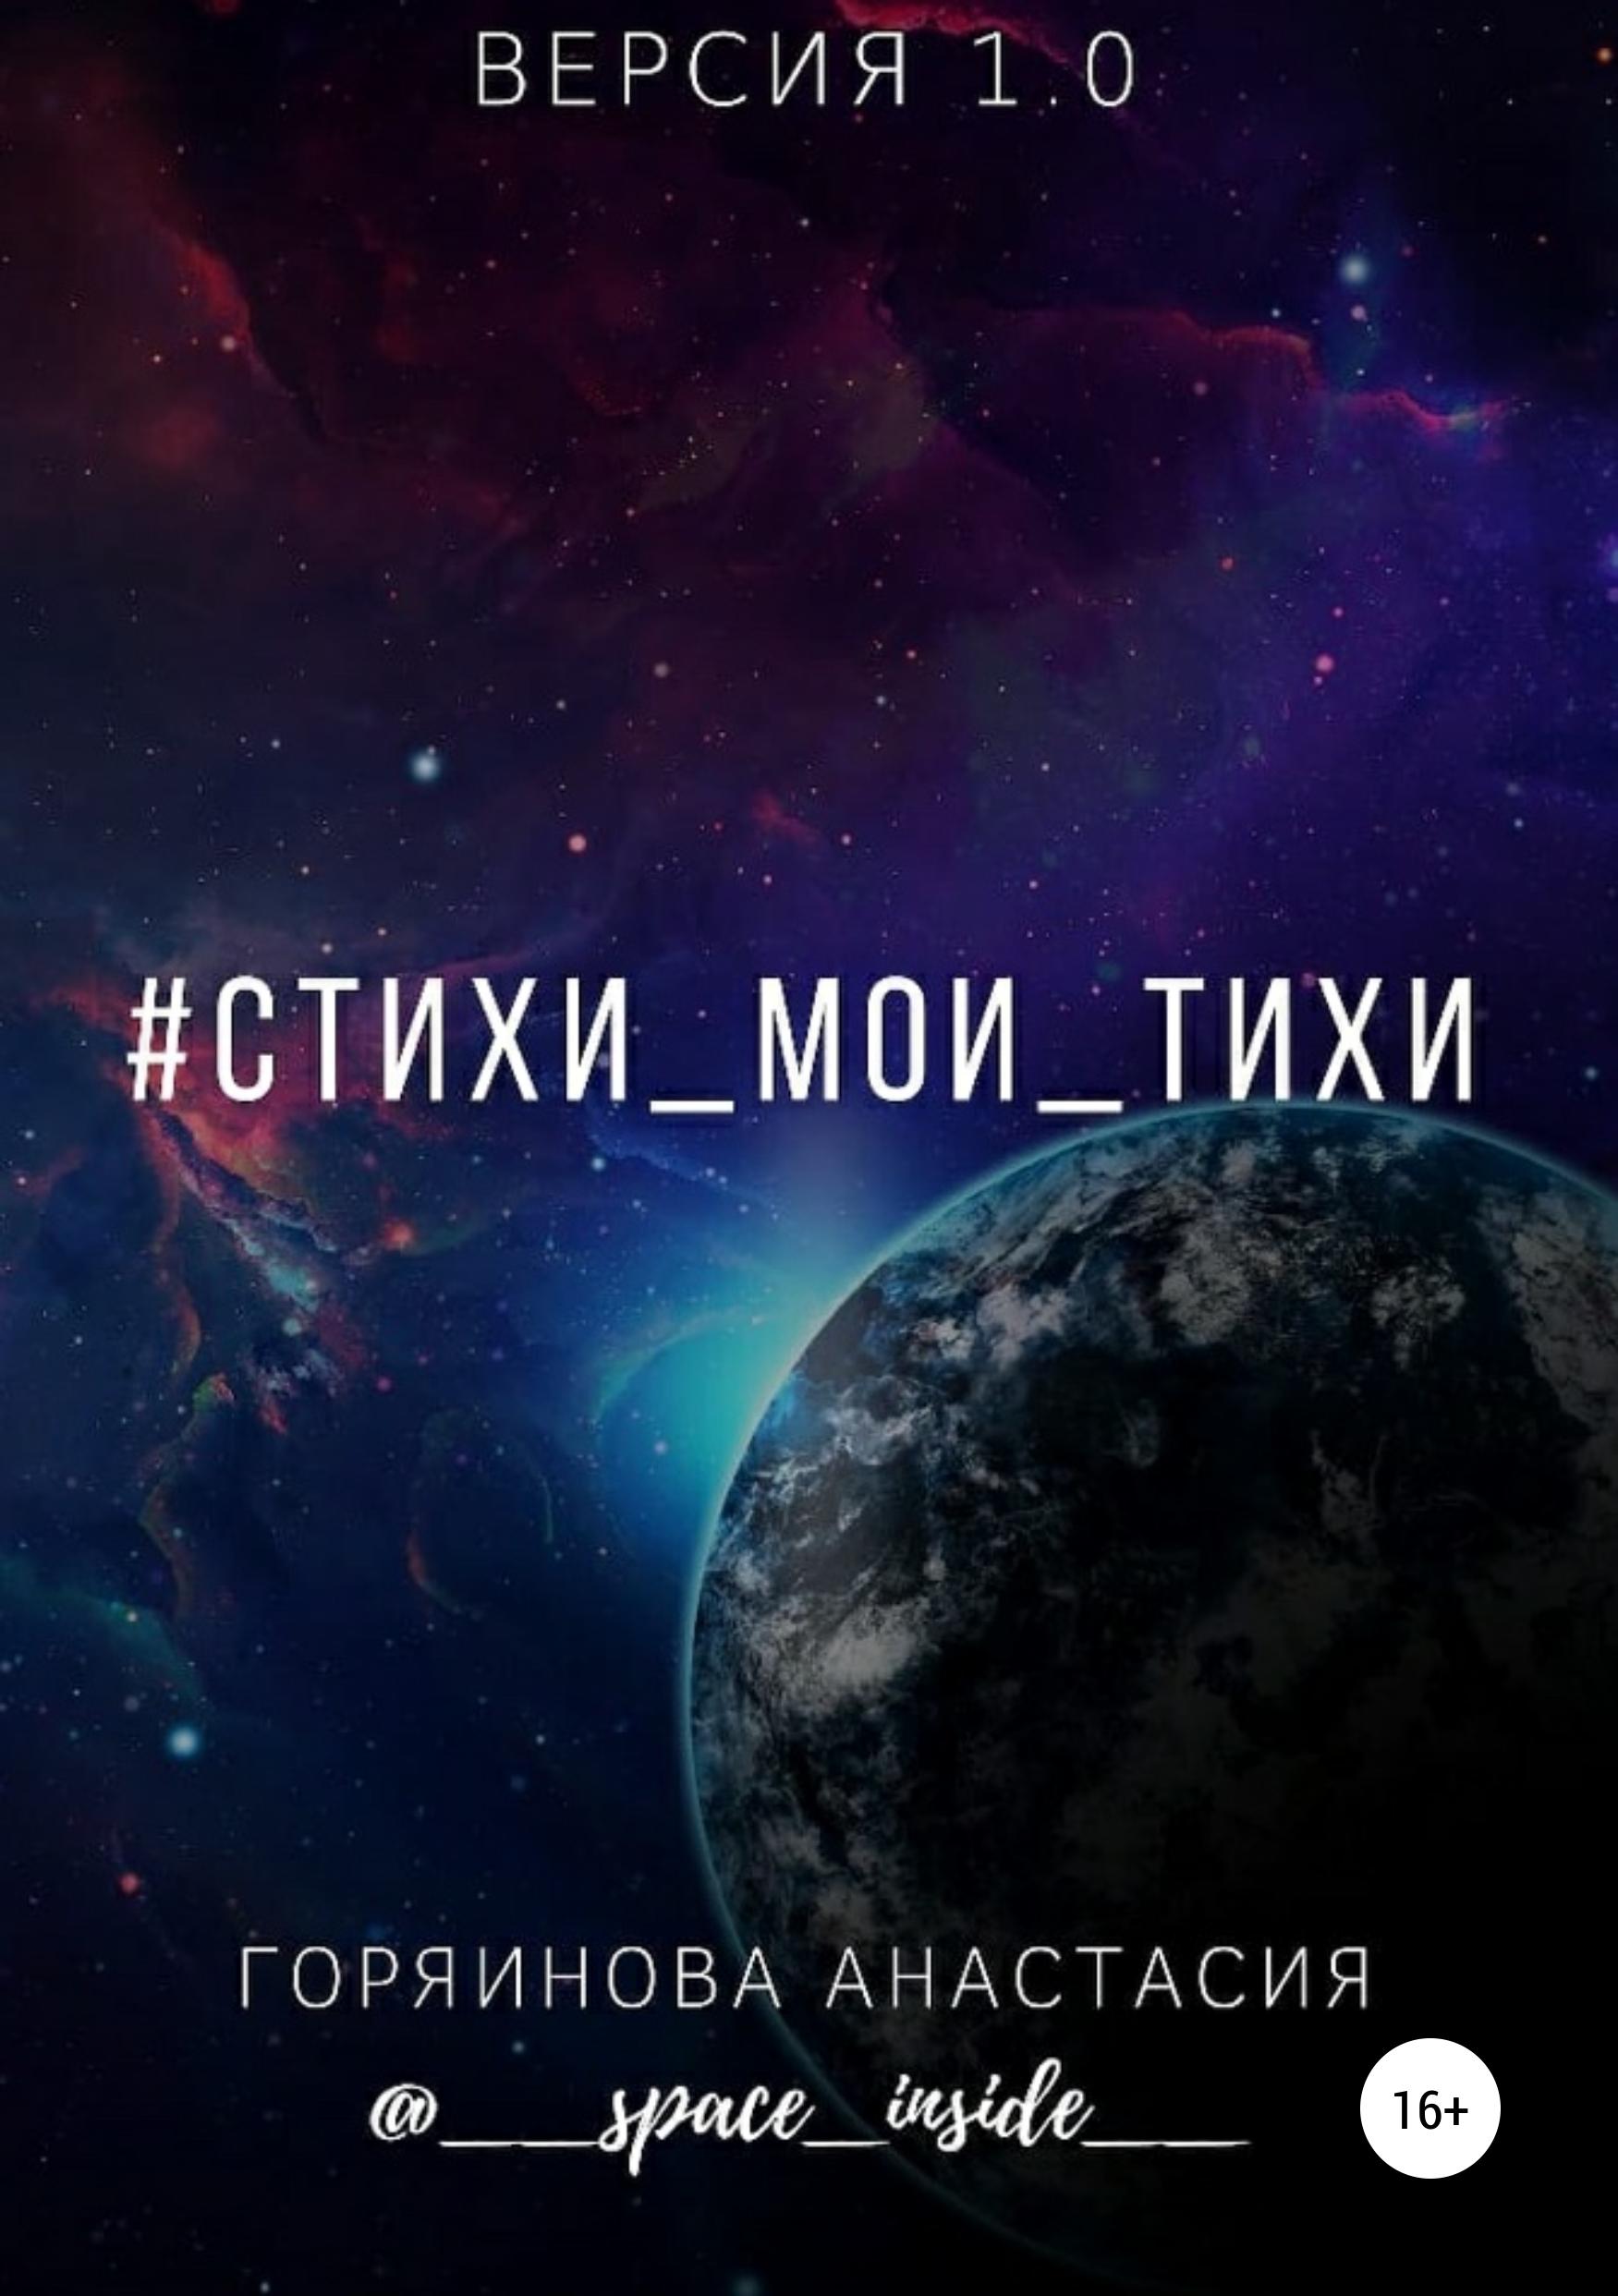 Анастасия Горяинова «#cтихи_мои_тихи»